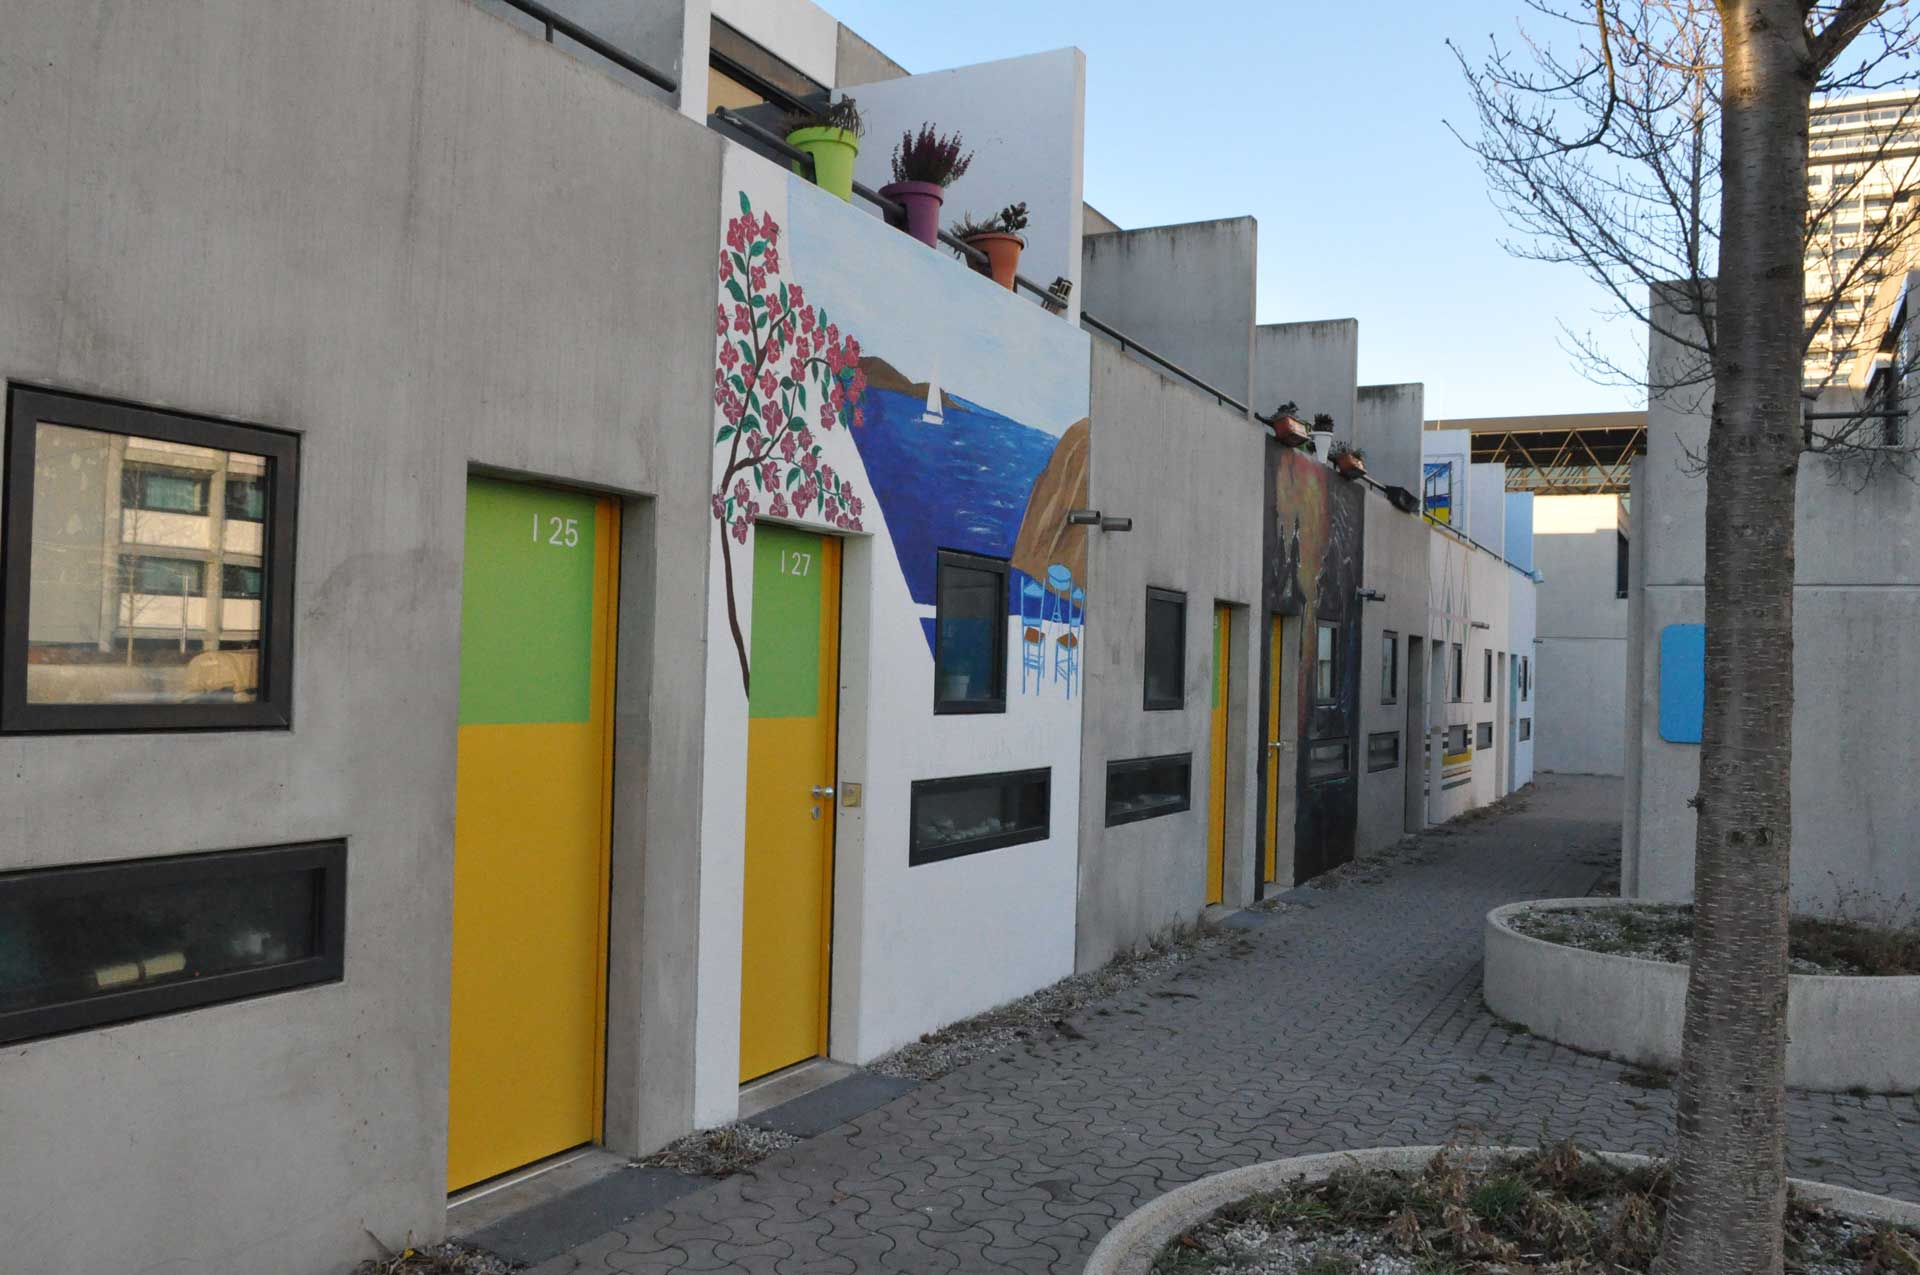 Das Studentenviertel Olympisches Dorf in München